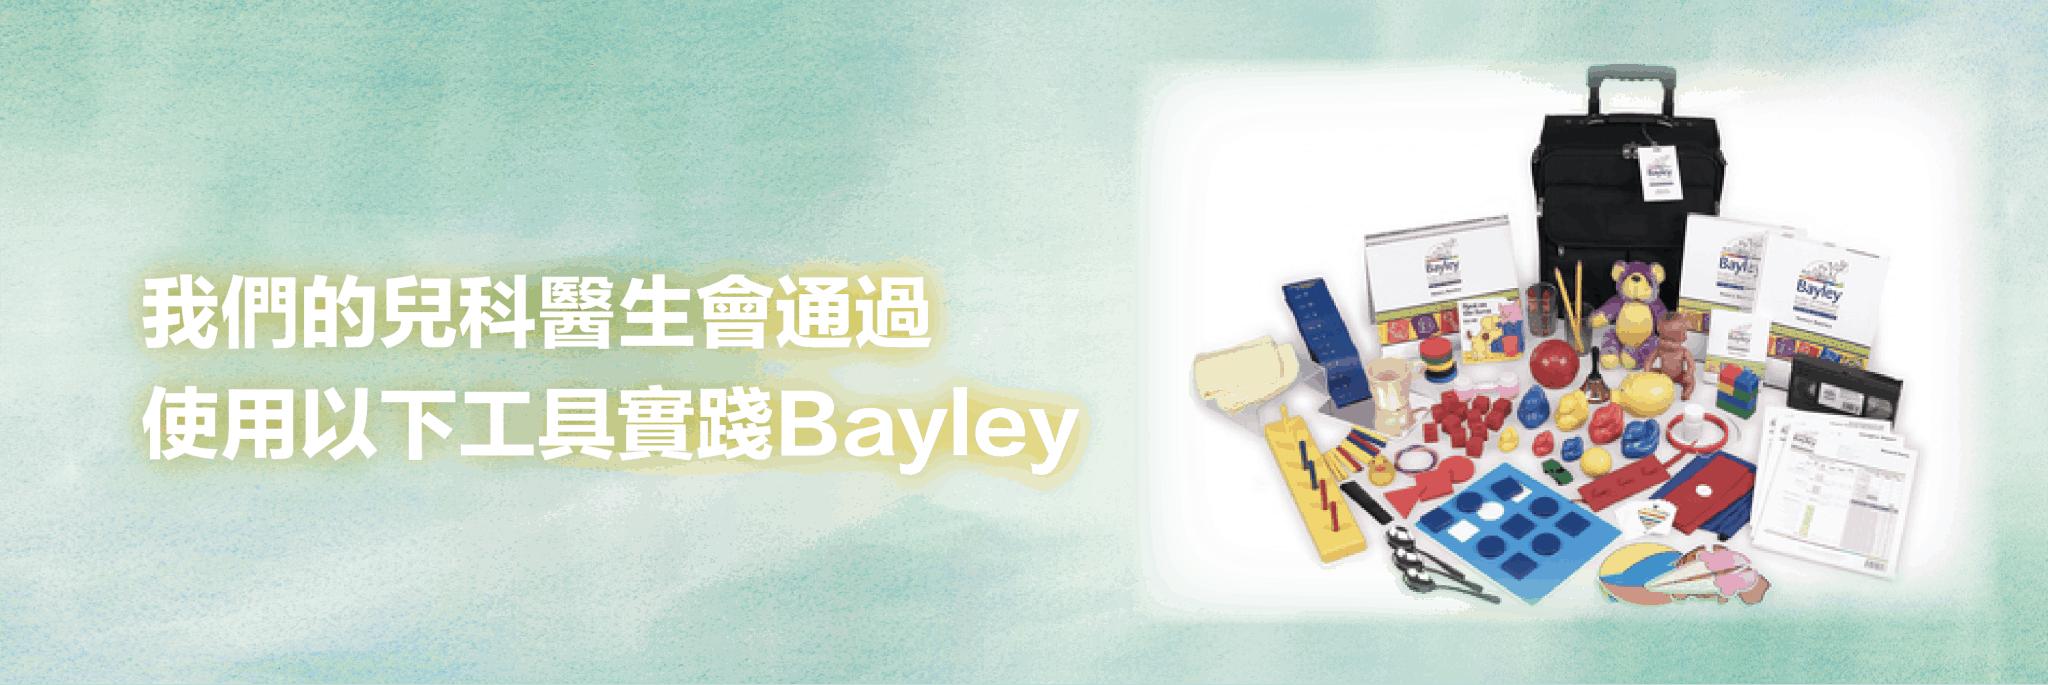 Bayley_old